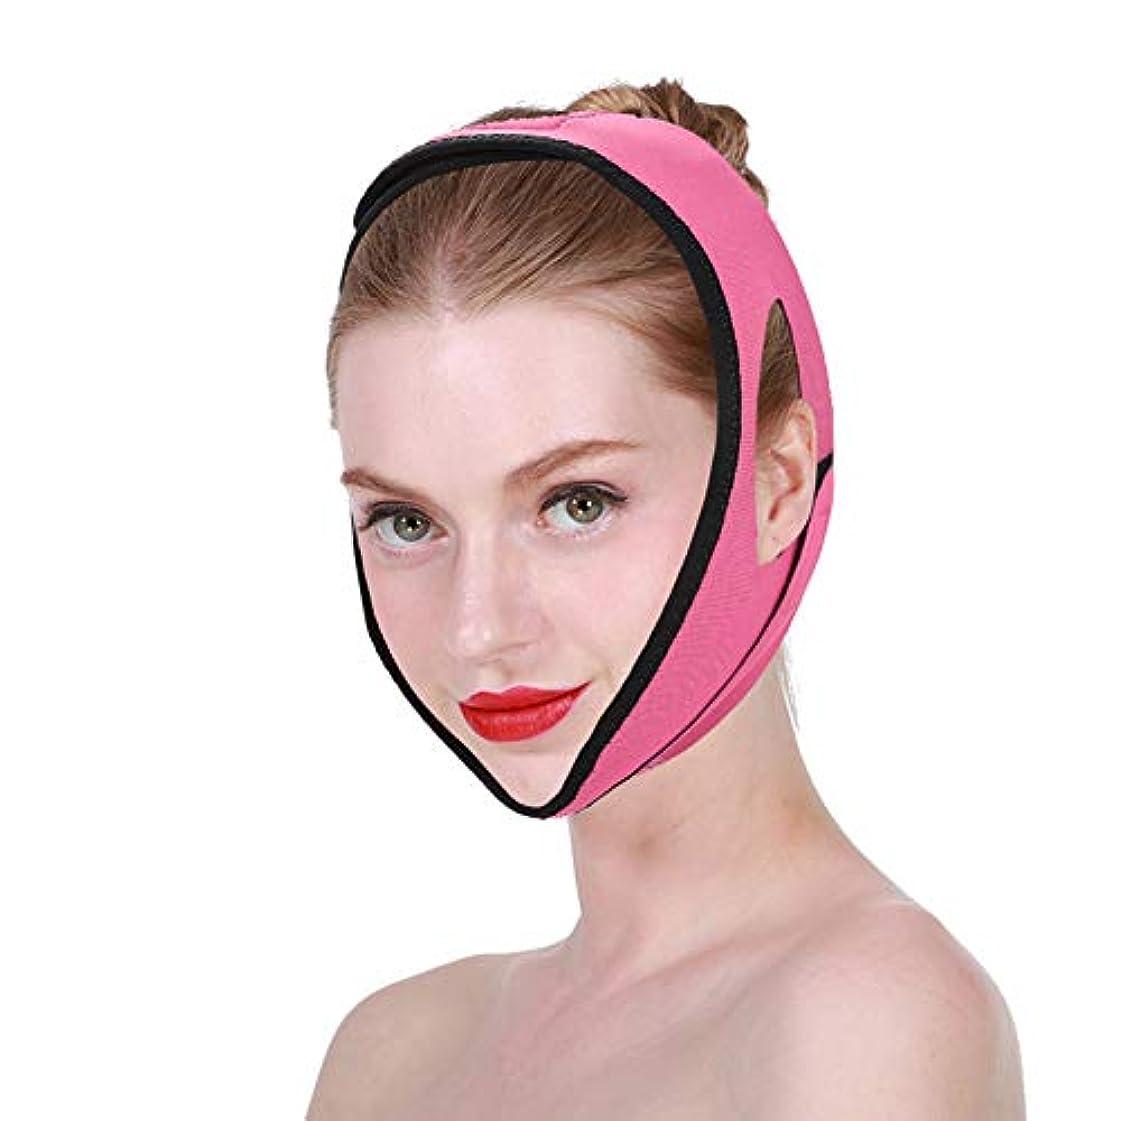 仮称変装したサンドイッチフェイシャルスリミングマスク、フェイスベルト 顔の包帯スリミングダブルチンVラインとフェイシャルケアファーミングスキン超薄型 クラインベルト (Red)